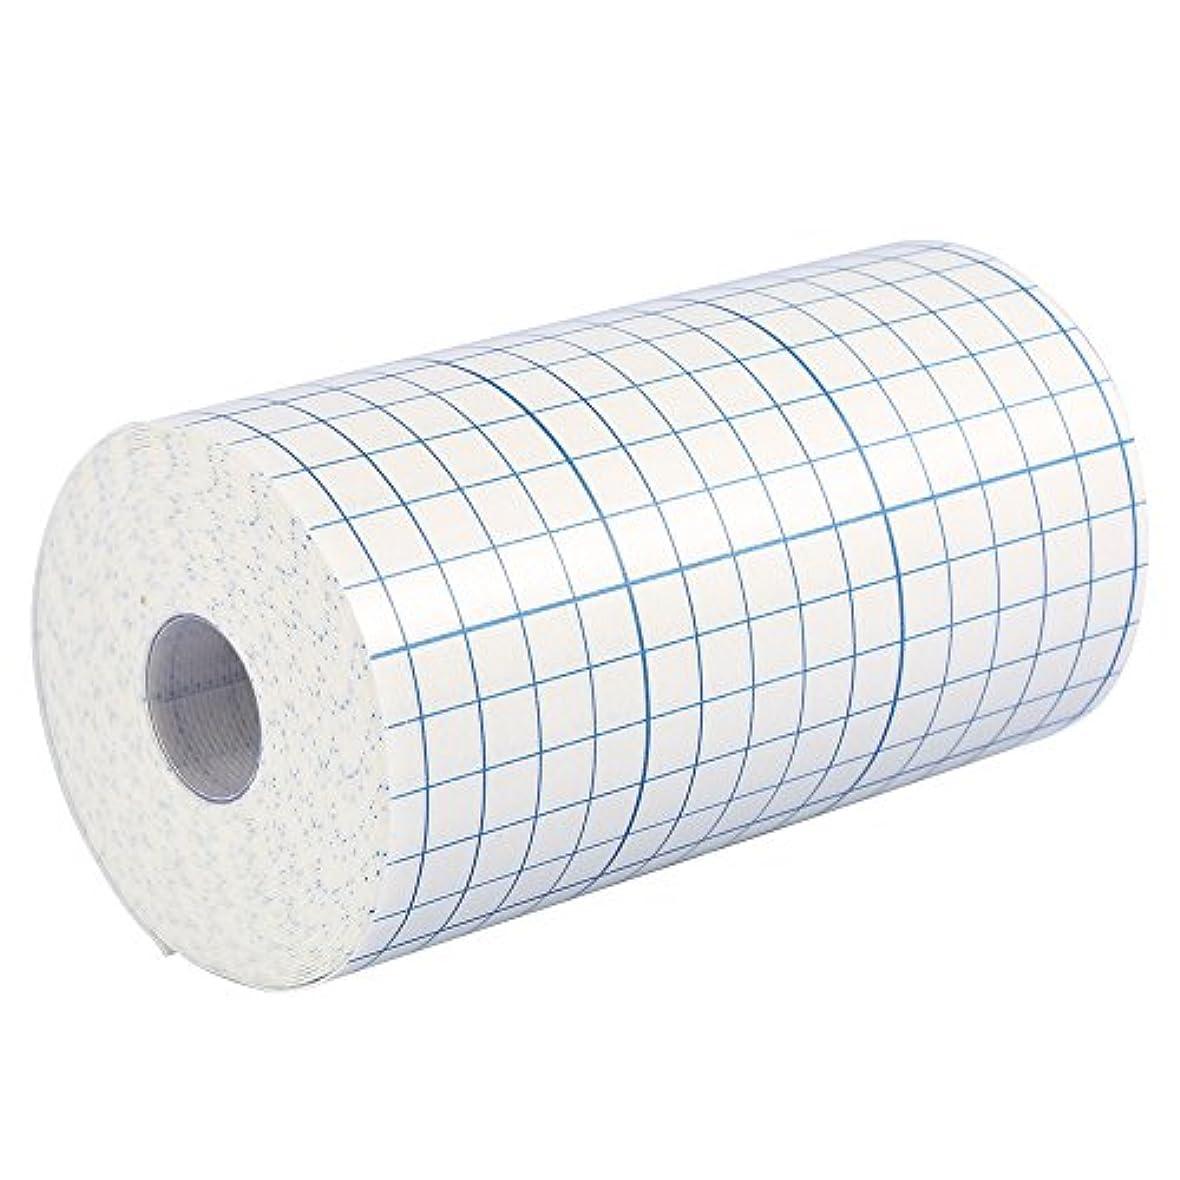 帝国主義耐えられないガラス3サイズ1ロールプロフェッショナル不織布接着創傷ドレッシング医療用固定テープ包帯(15cm x 10m)